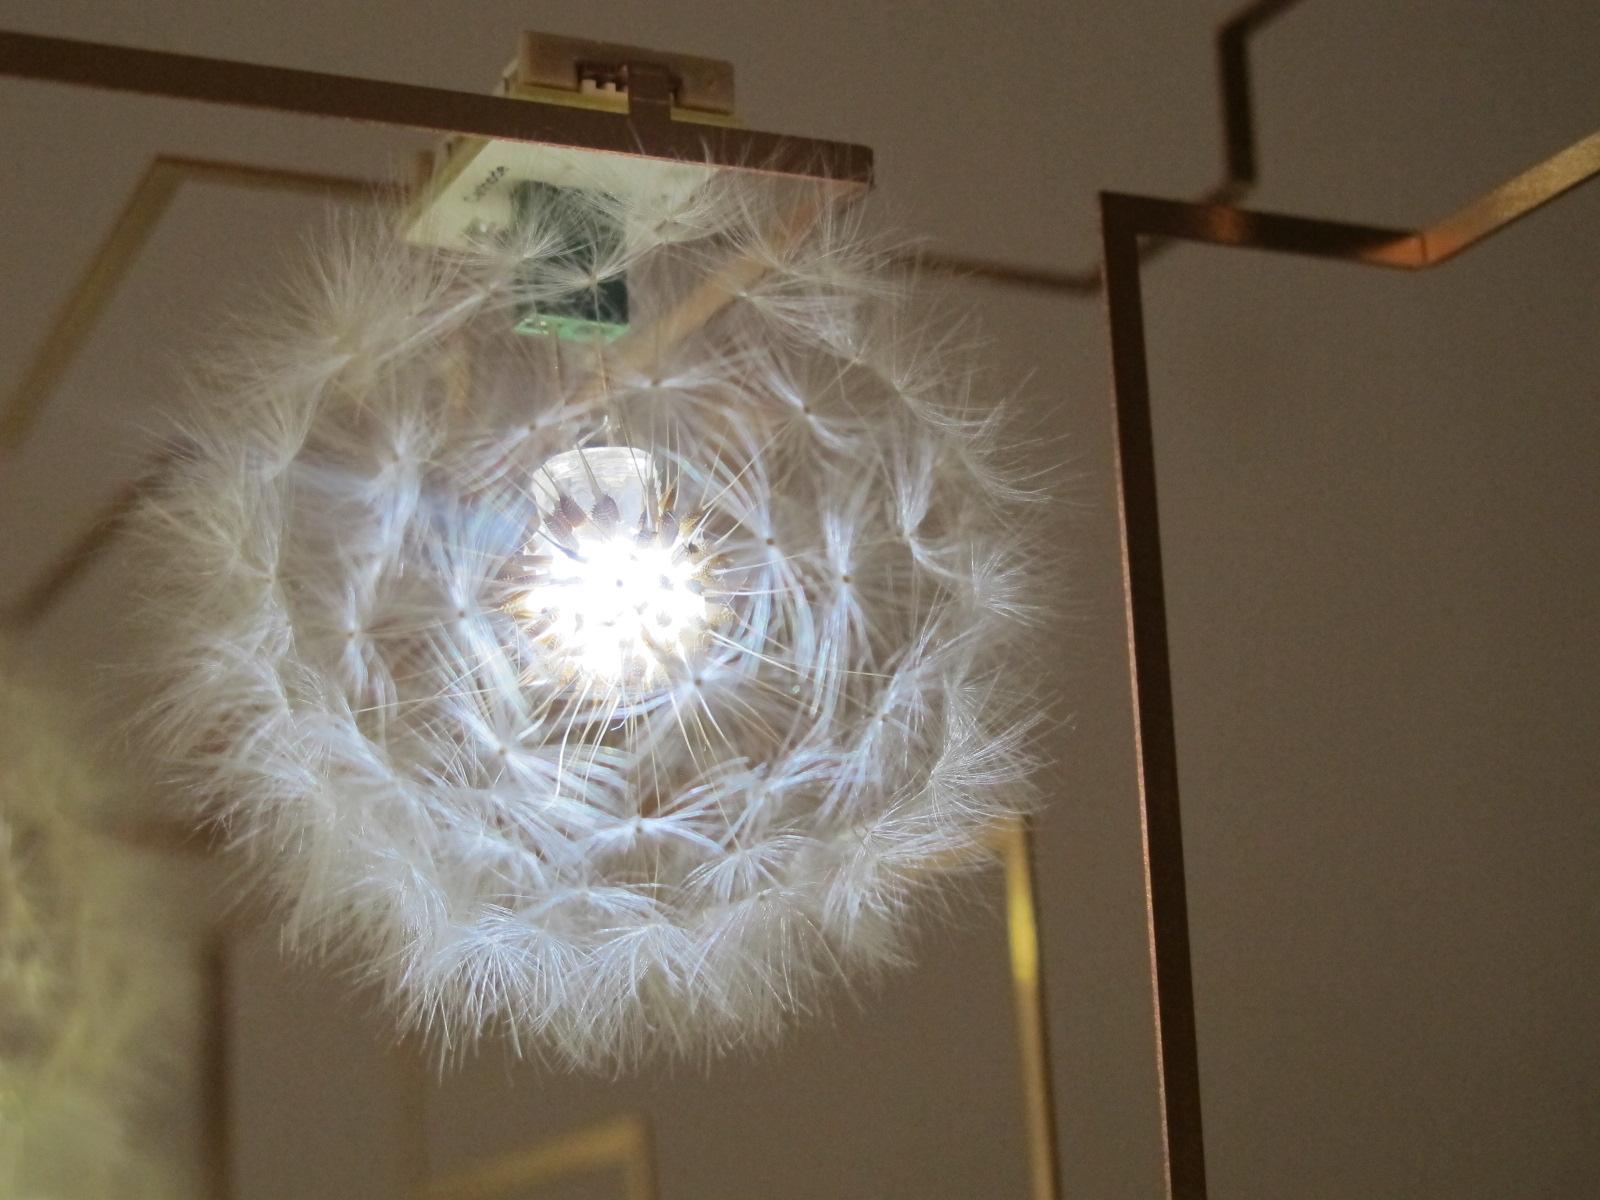 Salon du meuble de Milan 2011, zona Ventura/Lambrate